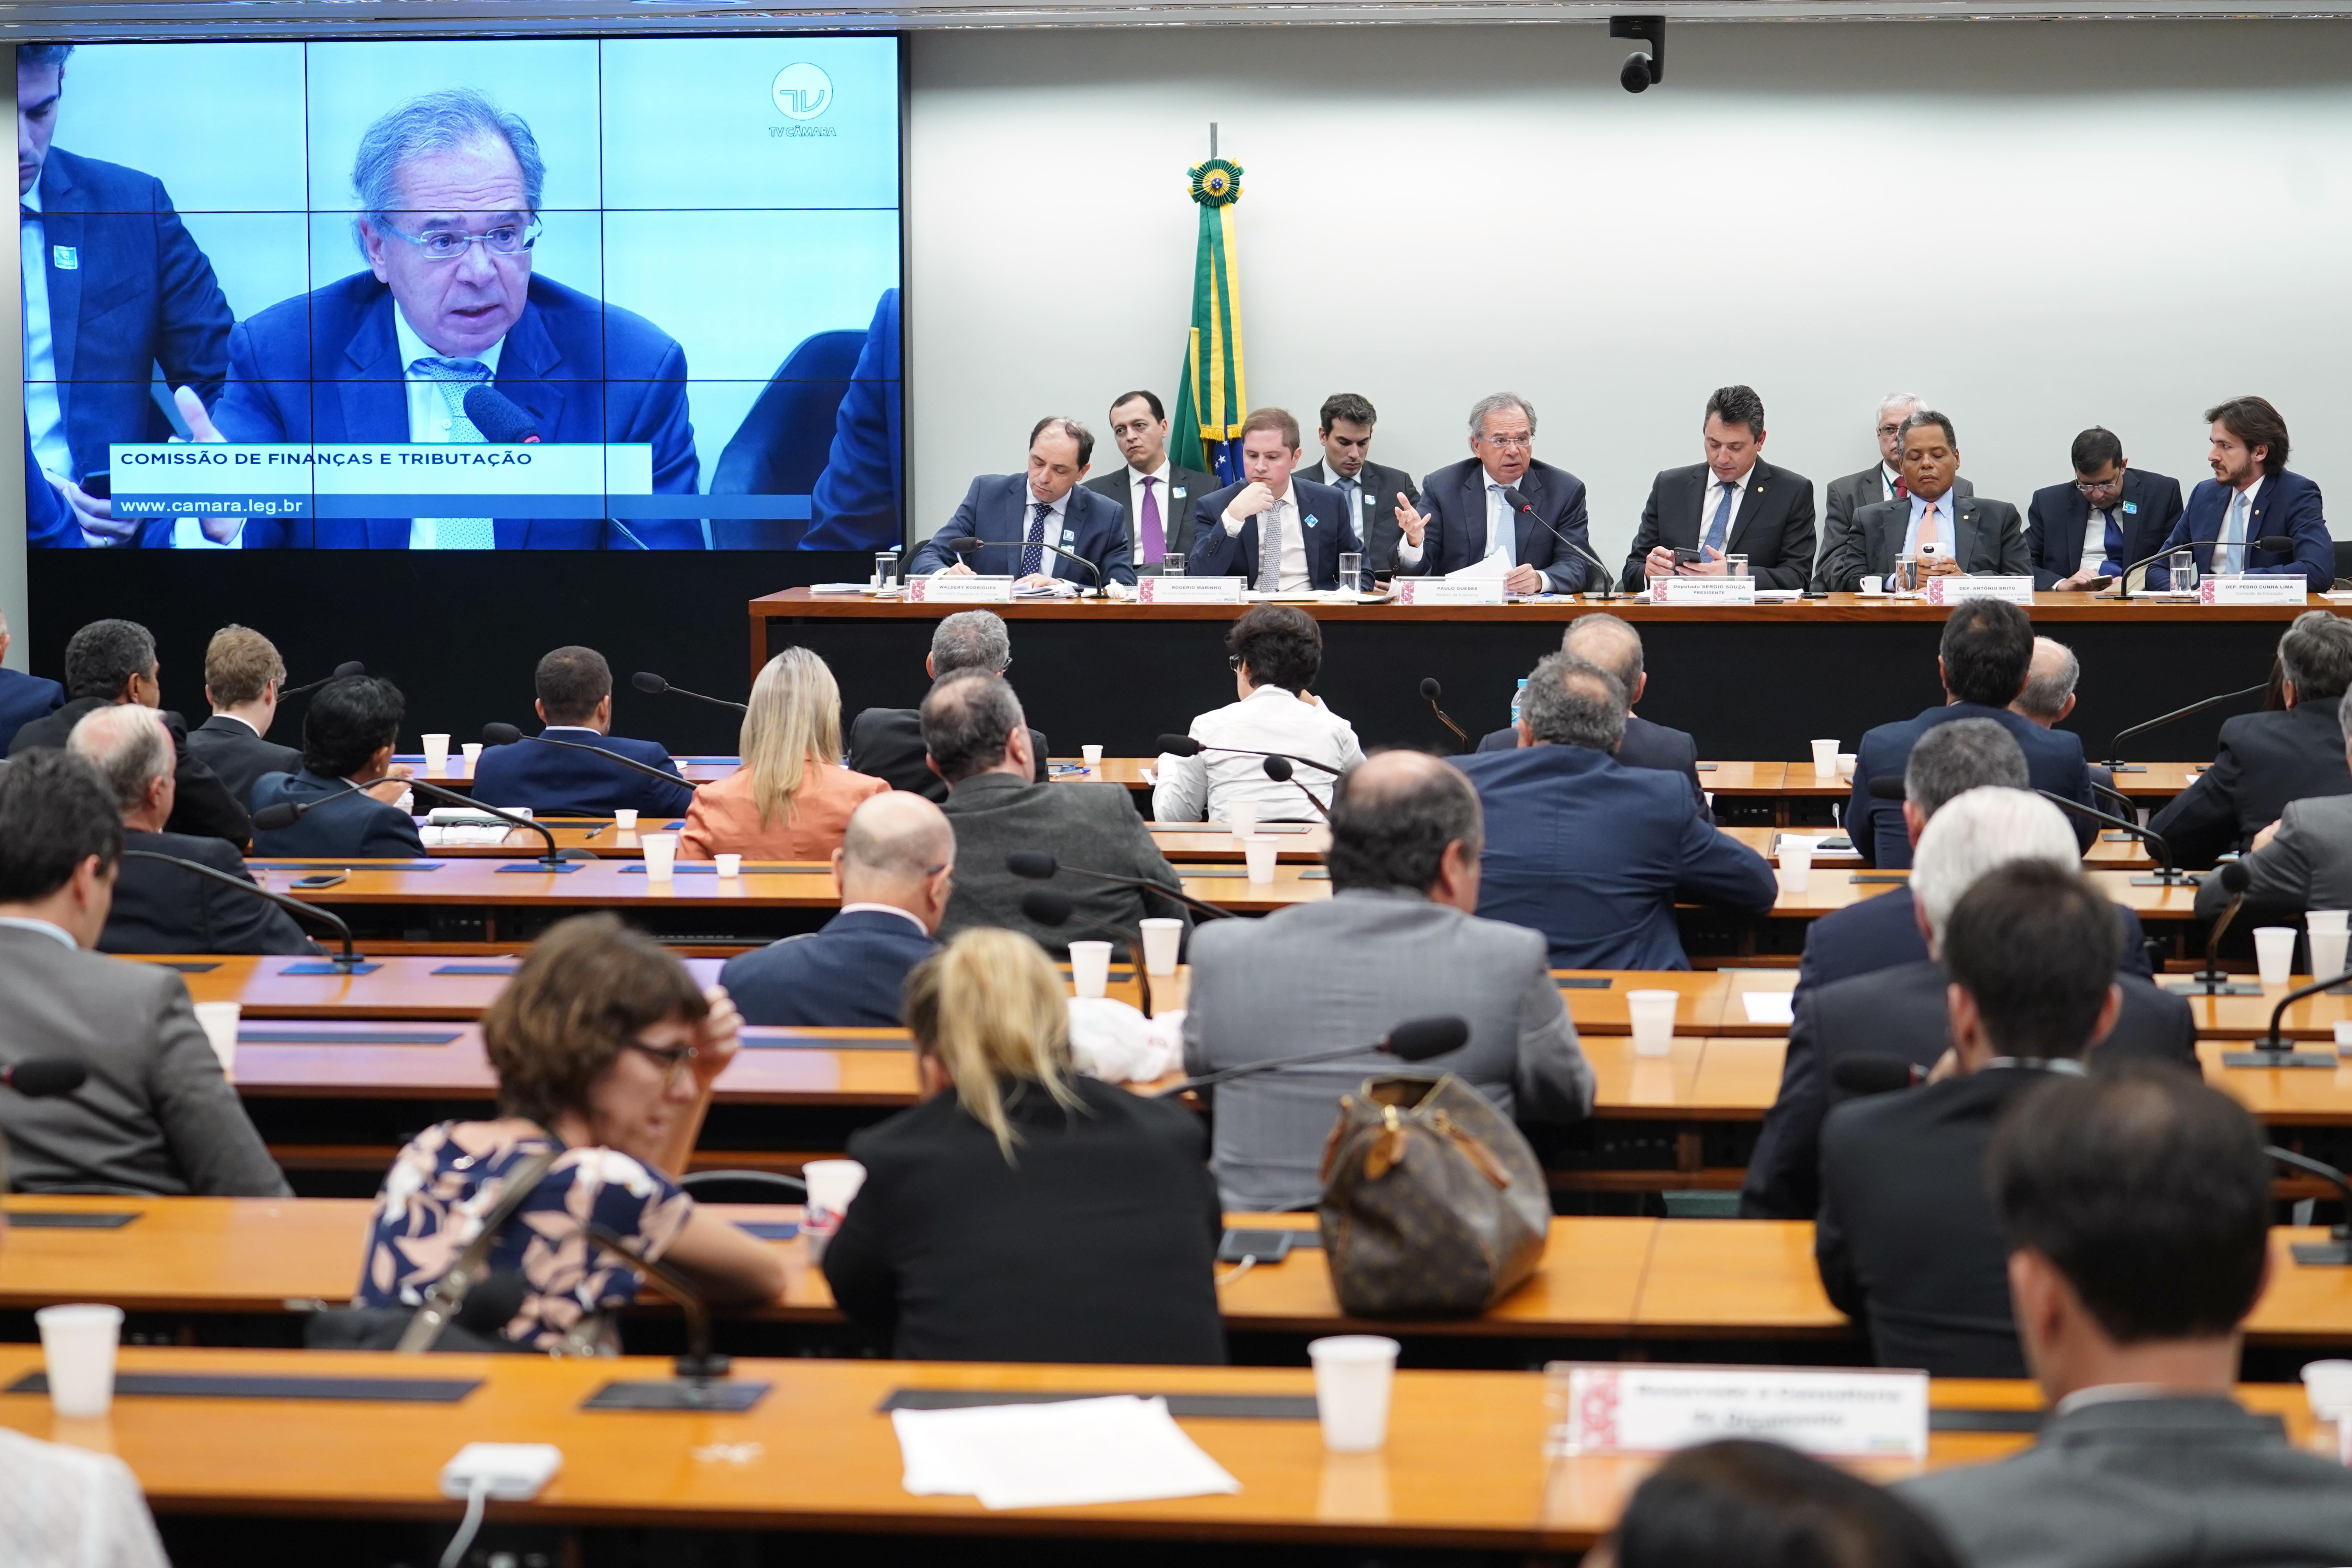 Audiência pública sobre os impactos econômicos e financeiros da Reforma da Previdência